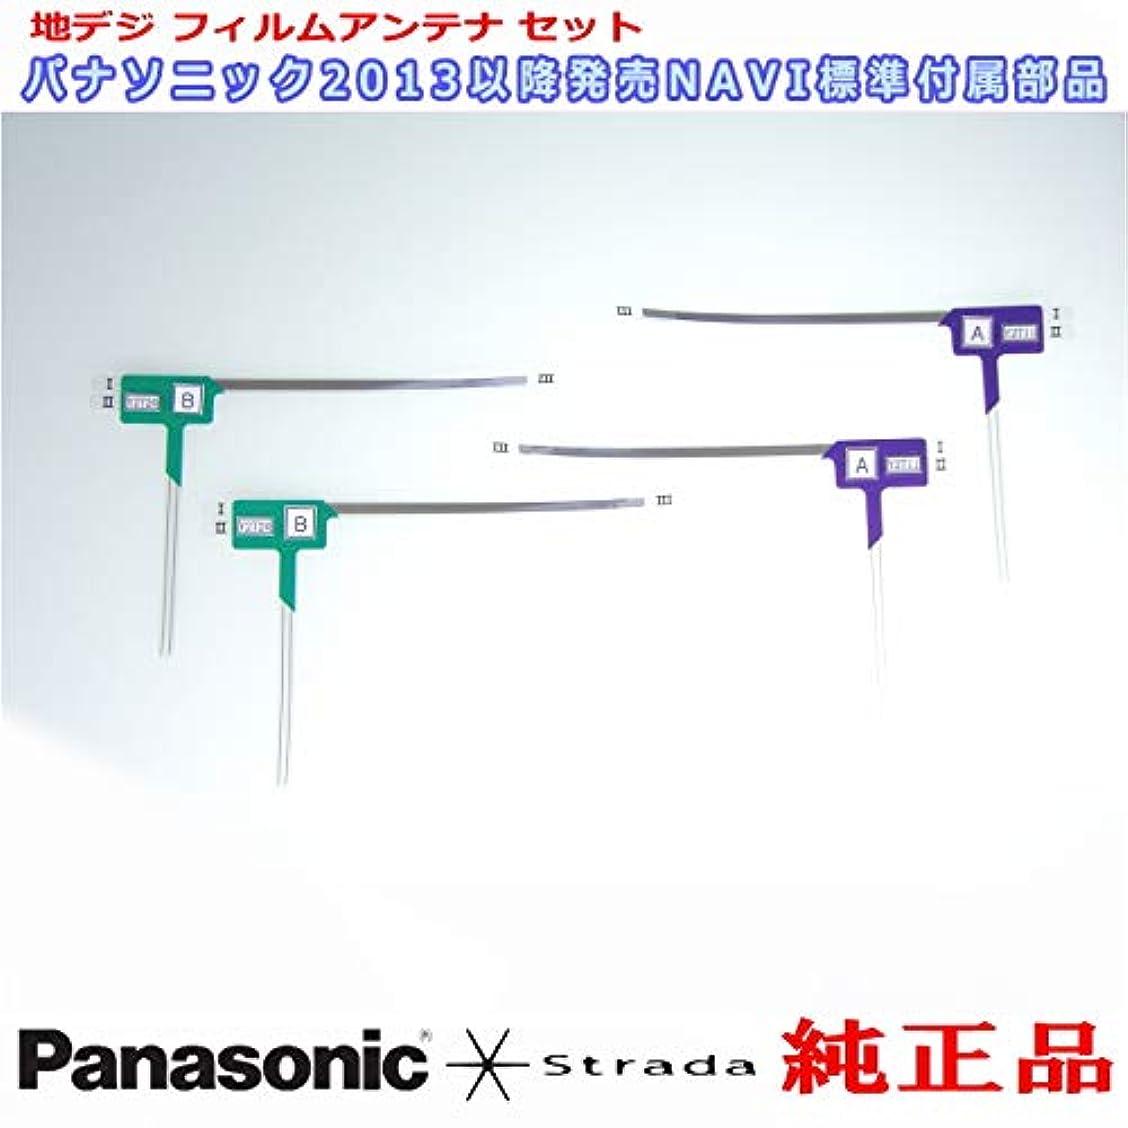 野菜マイル不適地デジアンテナ Panasonic Strada CN-F1XVD 安心の 純正品 地デジ フィルム アンテナ & 3M 超強力 両面テープ Set (PD32T